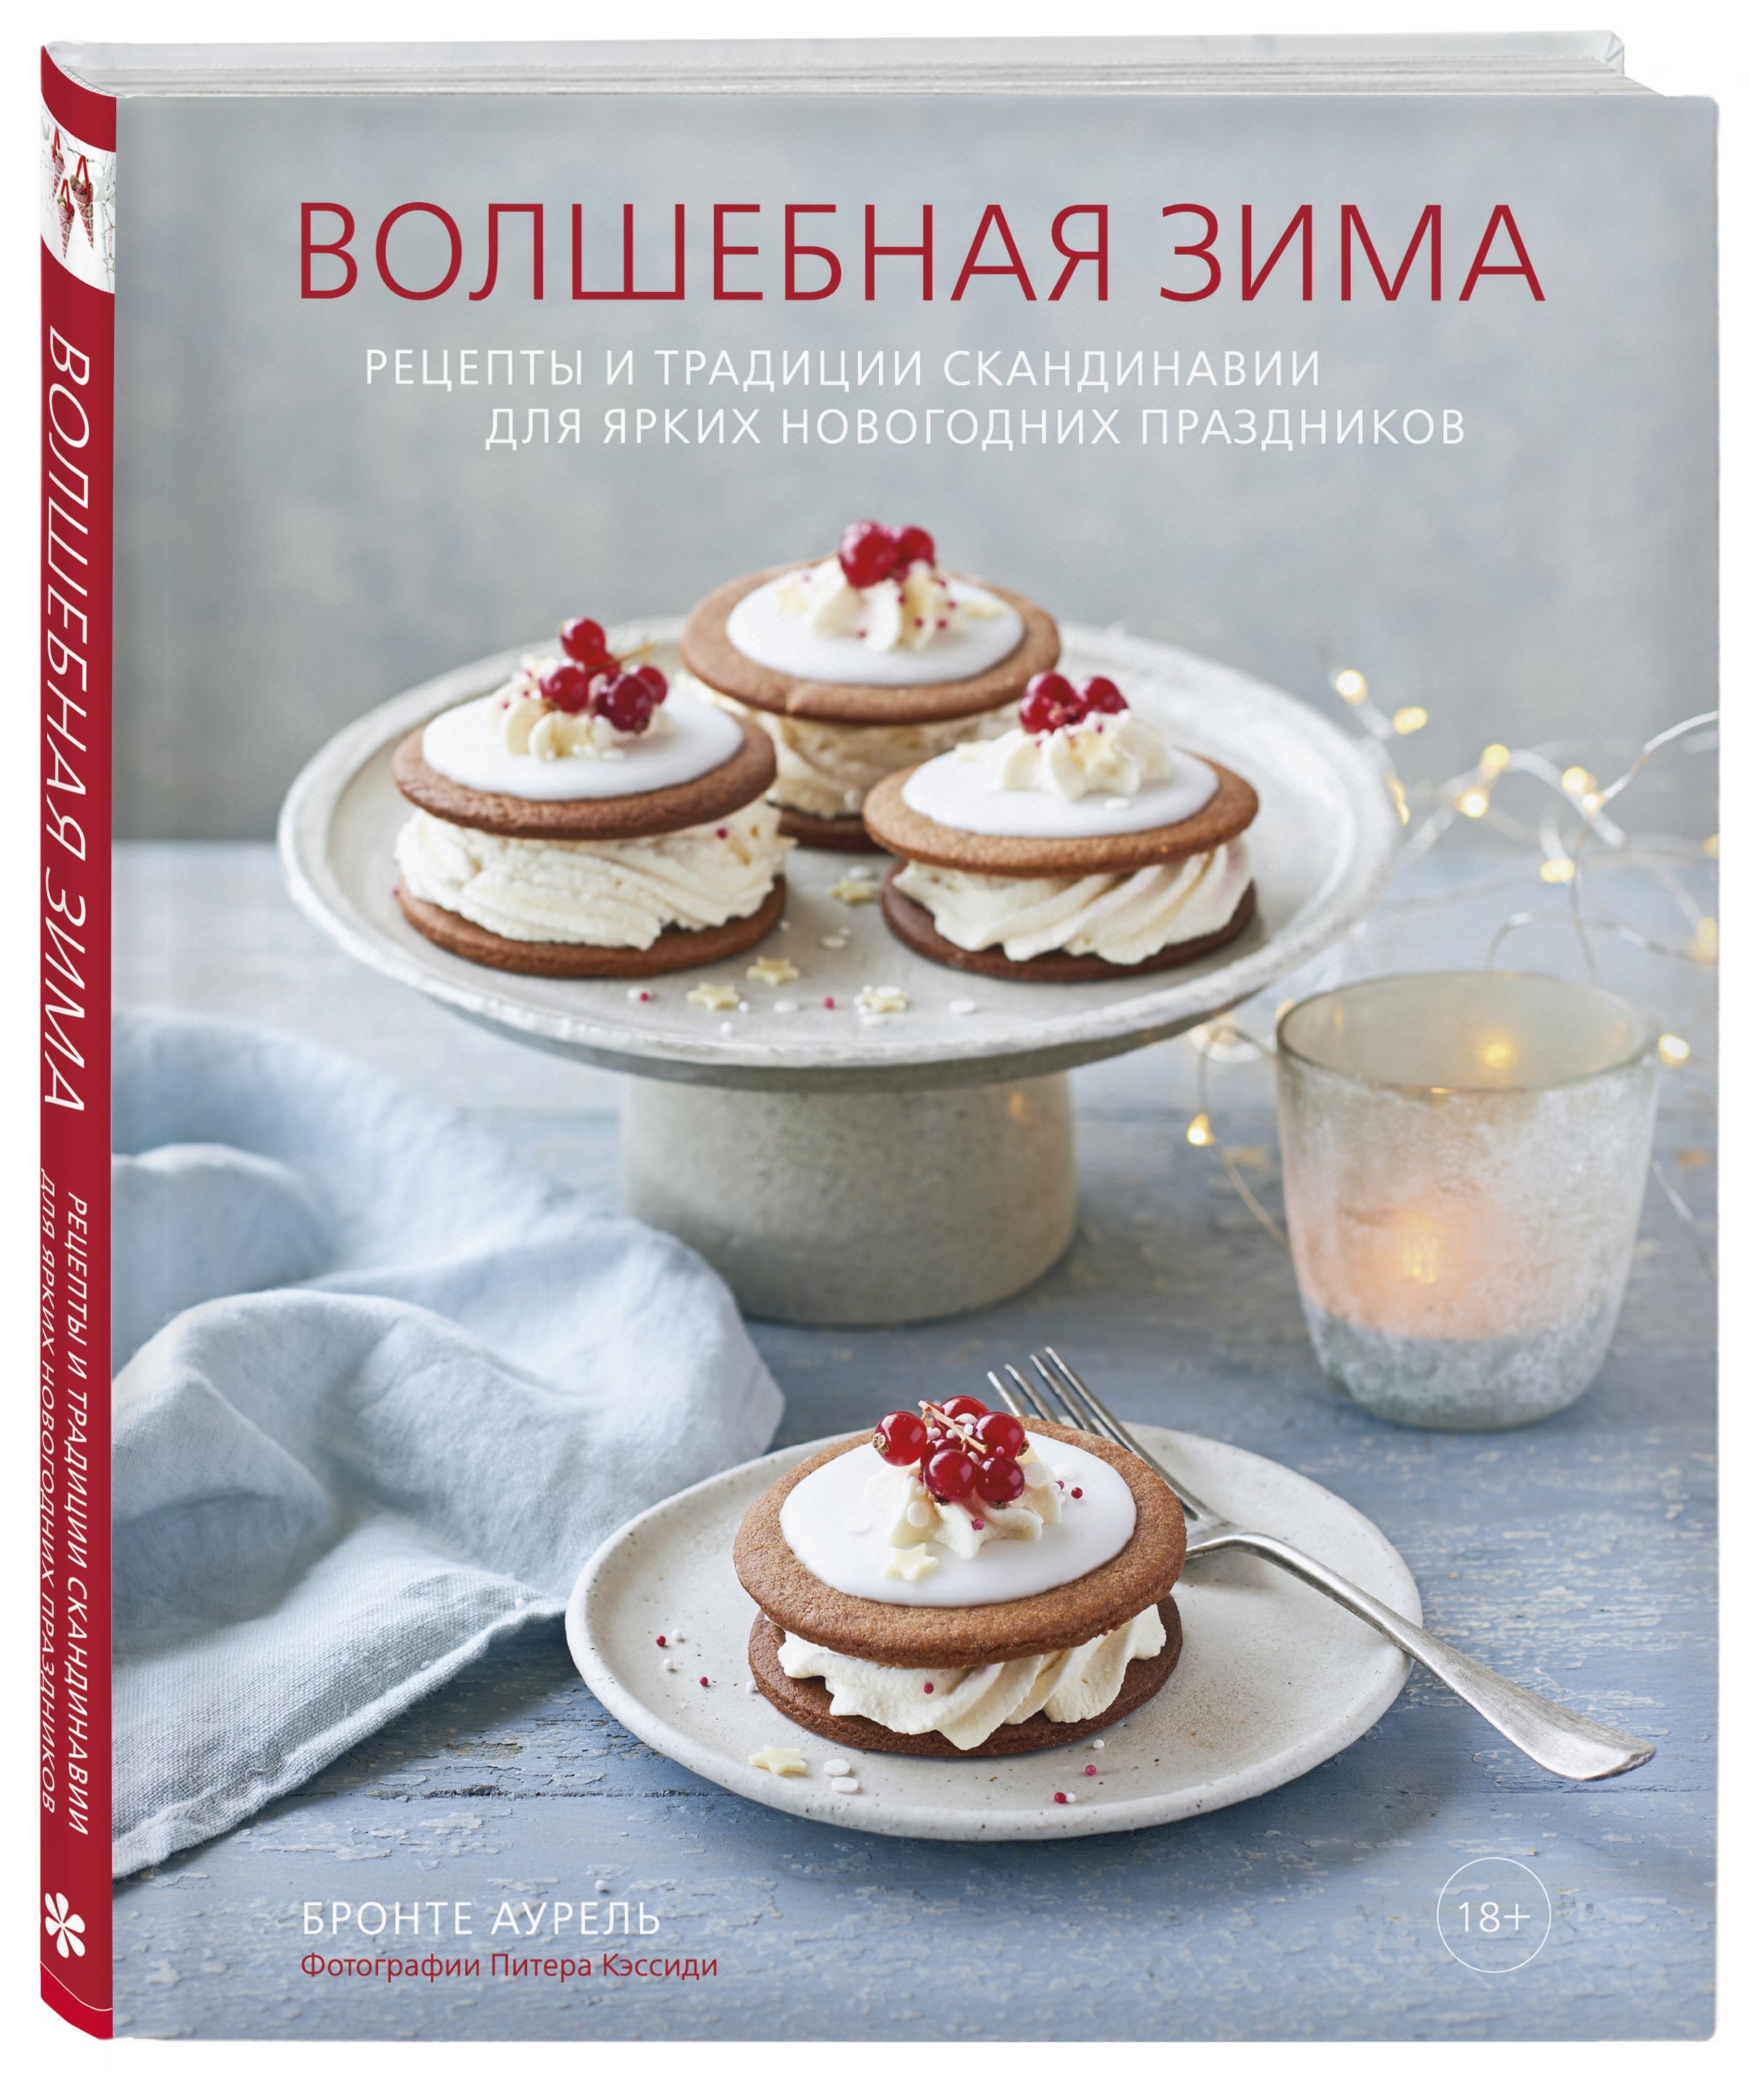 Аурель Бронте. Волшебная зима. Рецепты и традиции Скандинавии для ярких новогодних праздников